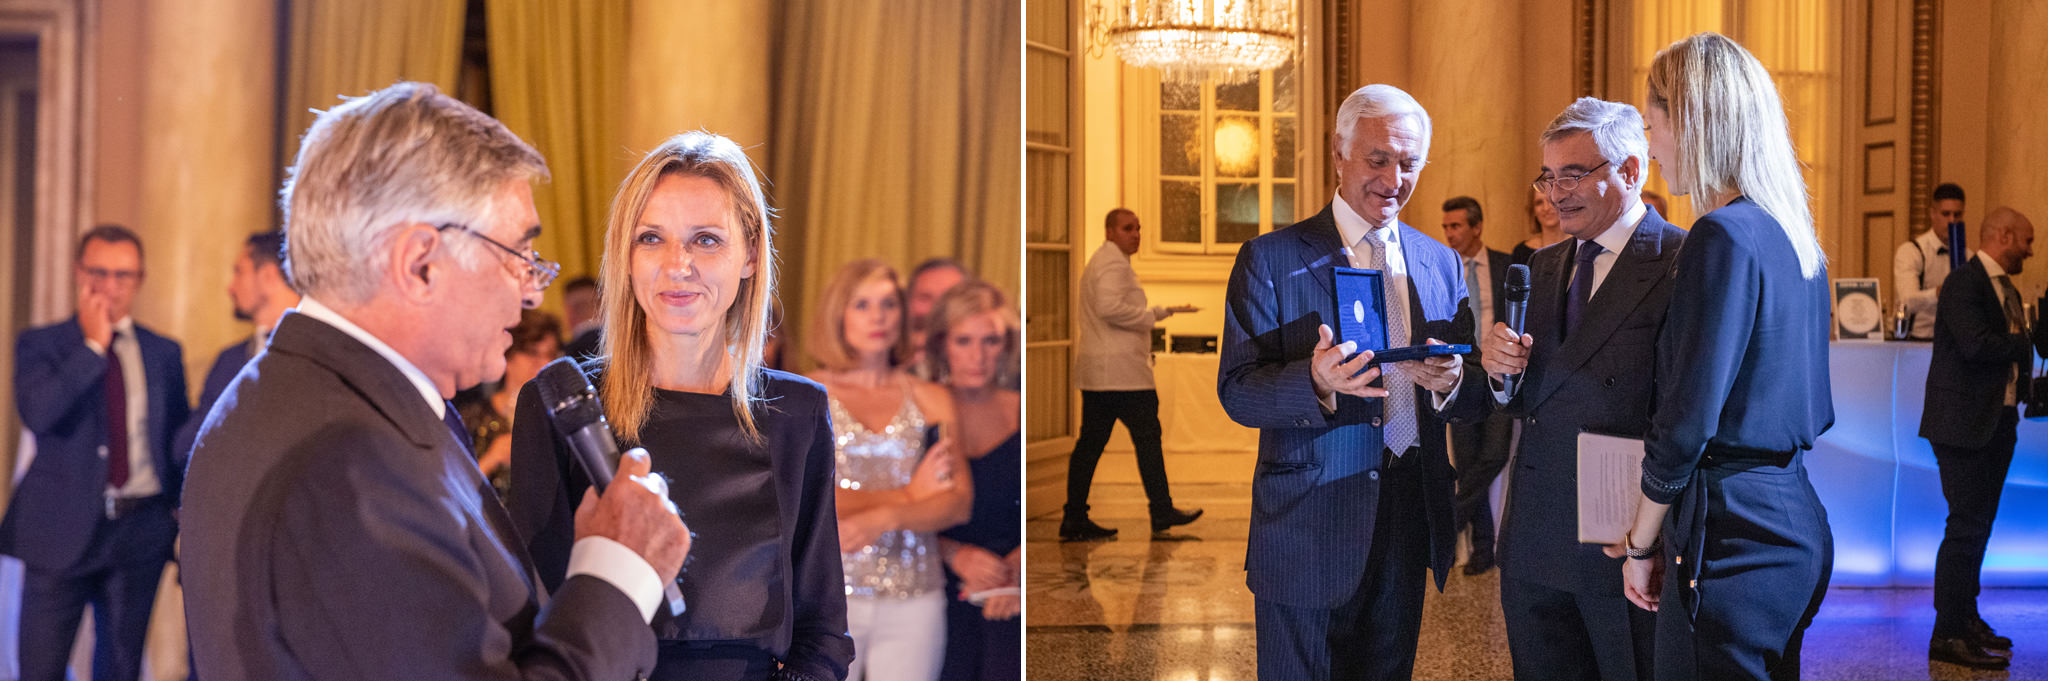 L'avvocato Enrico Raffaelli invita Valentina Vezzali per il discorso di conclusione della festa del quarantesimo anniversario di Rucellai e Raffaelli